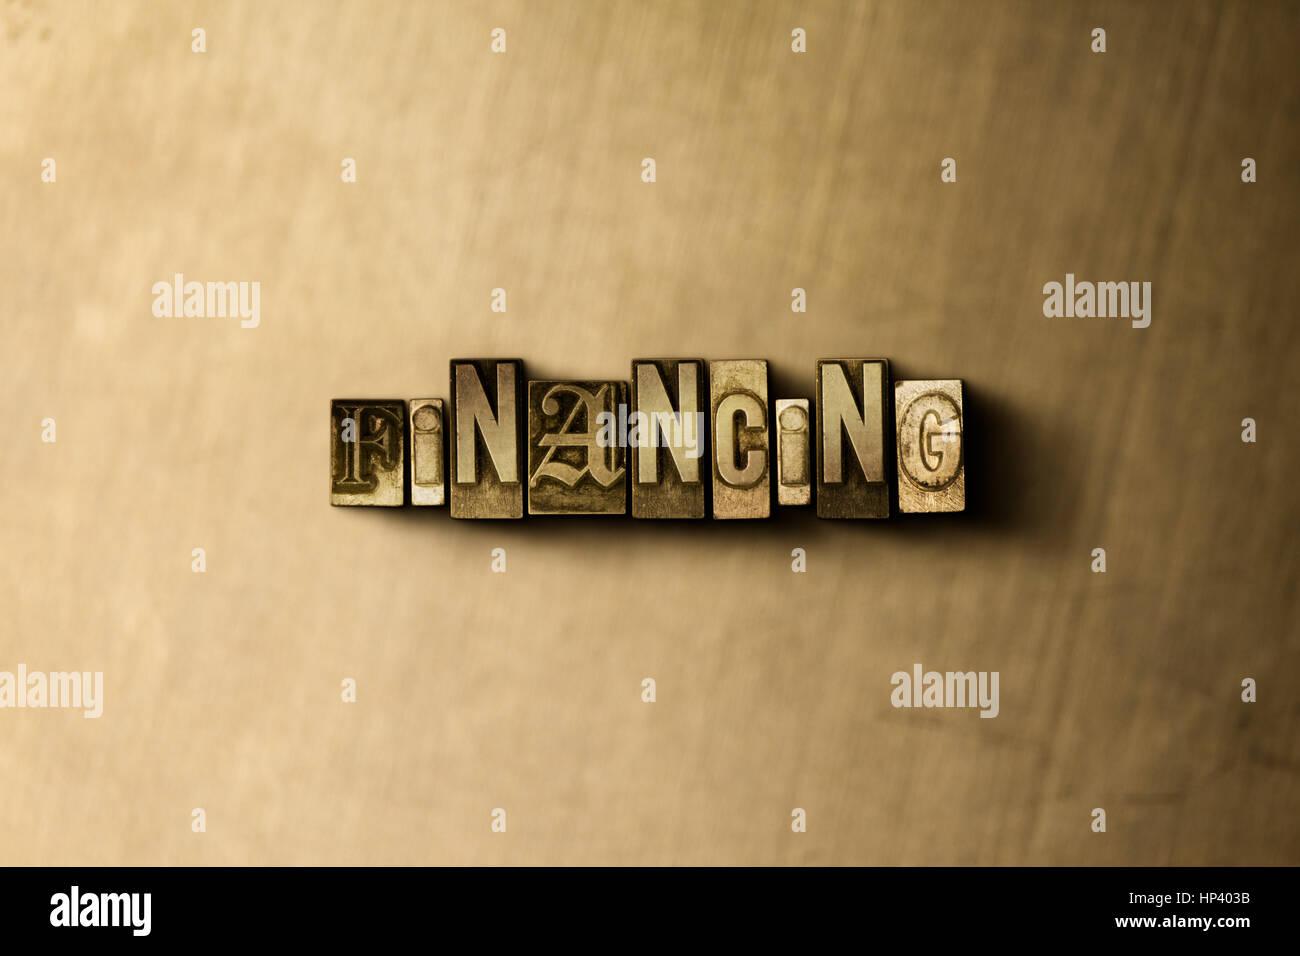 Finanzierung - Nahaufnahme des Grunge Vintage Schriftsatz Wort auf Metall Hintergrund. GEMA freie stock Illustration. Stockbild